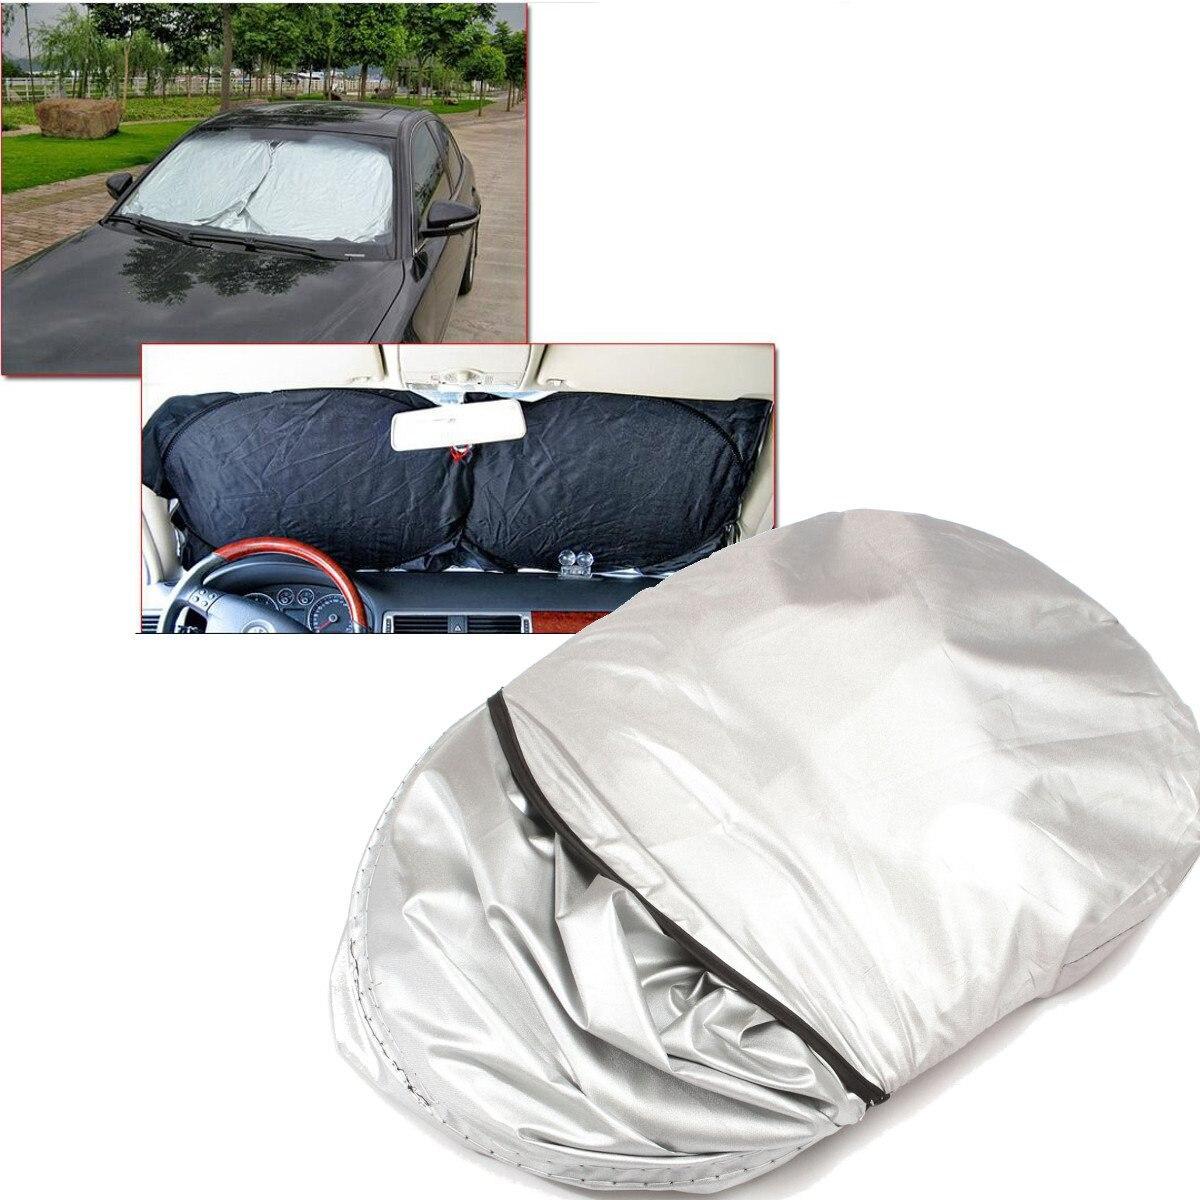 190 X 90cm Folding SUV Truck Car Front Rear Window Sun Shade Visor Windshield Block Cover